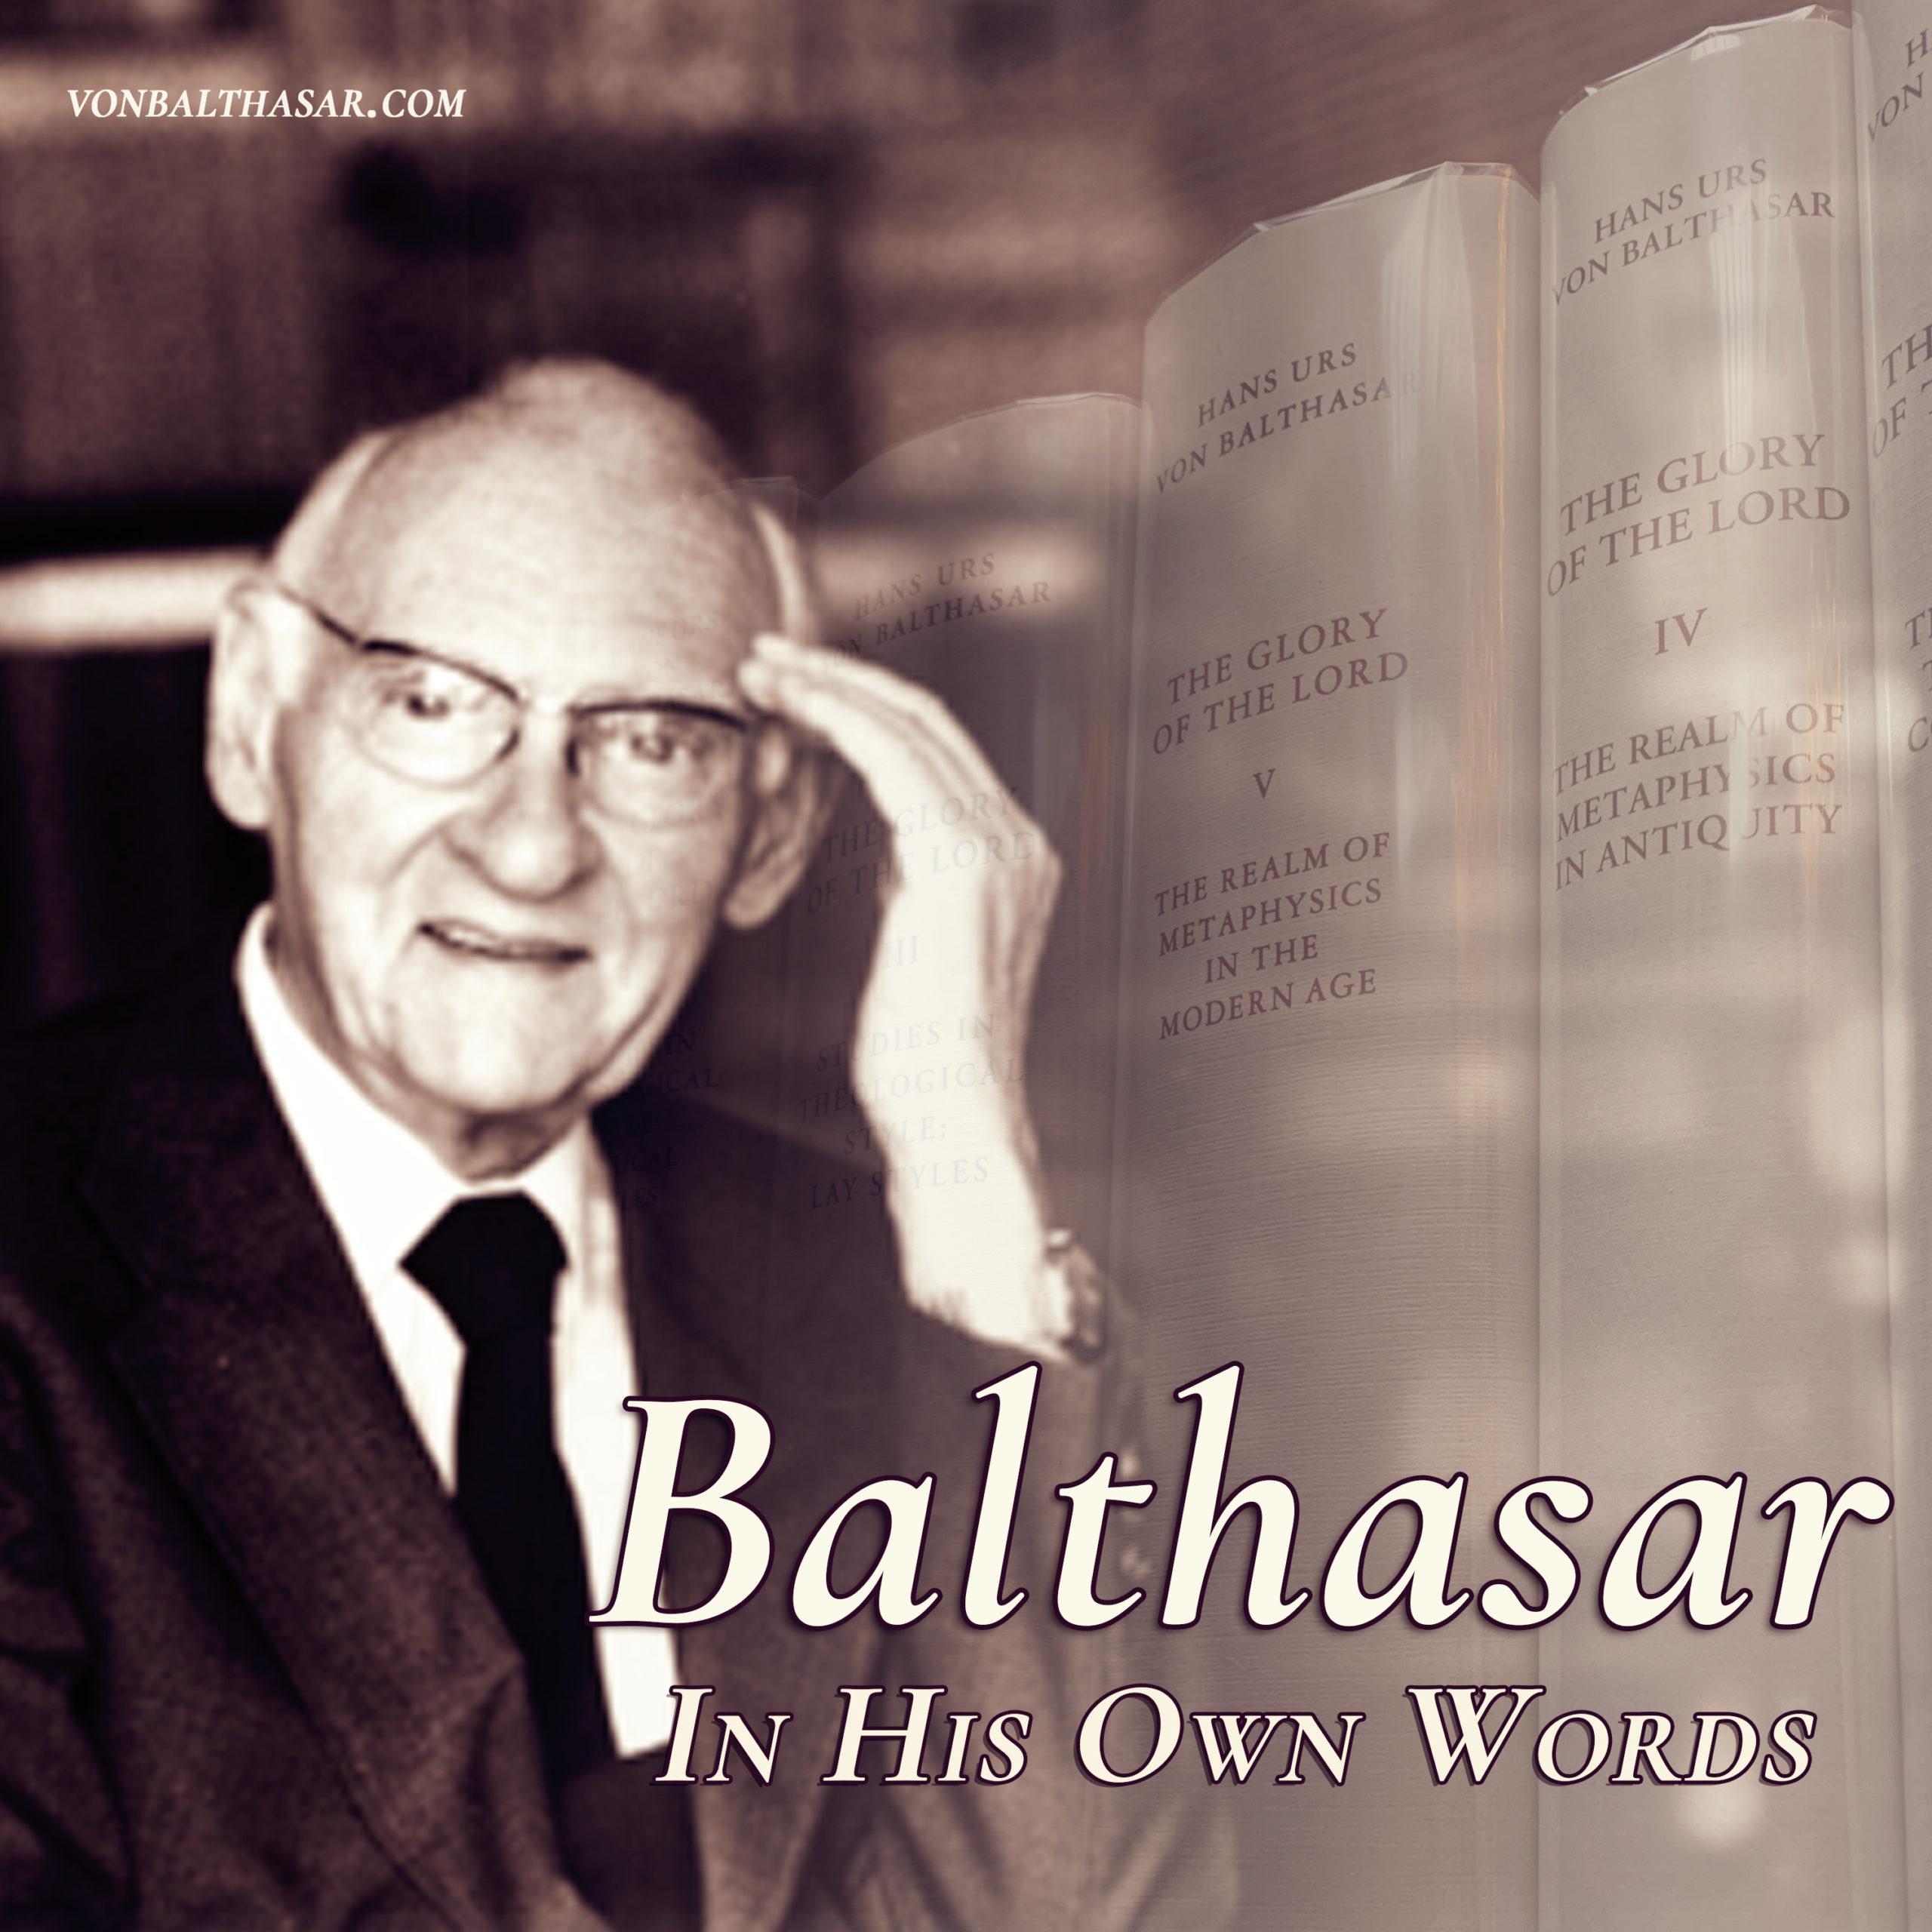 Hans Urs Von Balthasar - In his own words